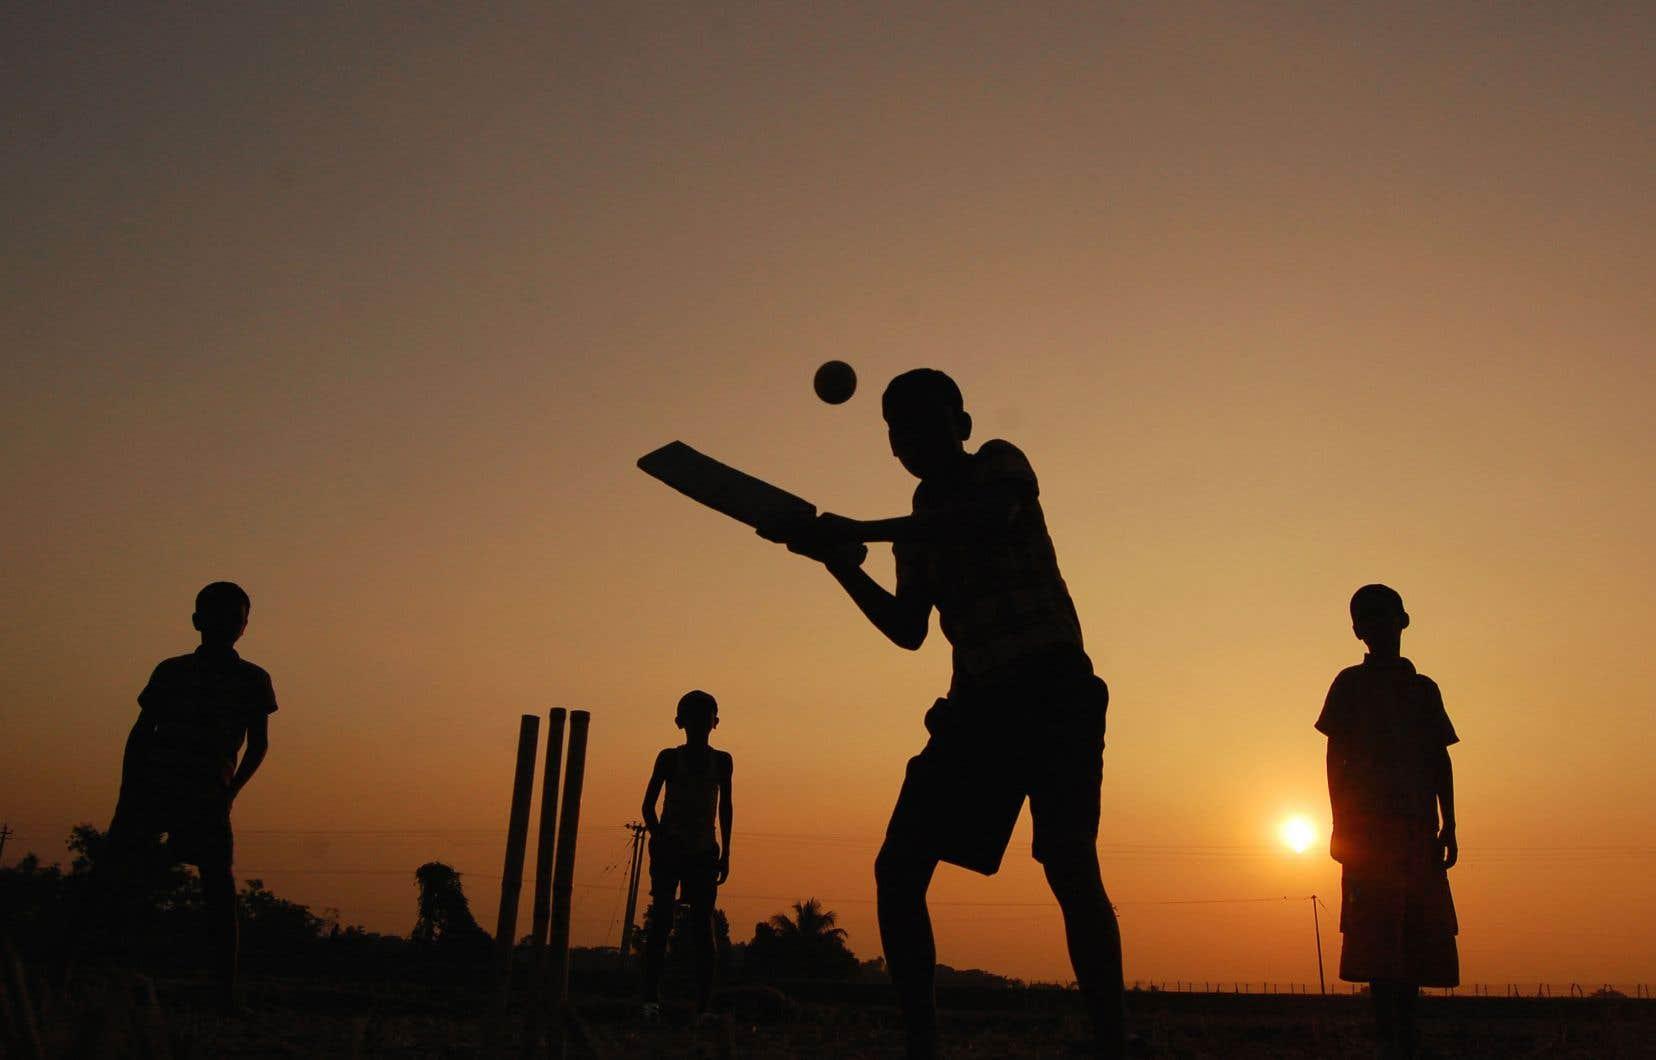 Le cricket est au centre de la fascinante histoire familiale esquissée par l'auteur indien Aravind Adiga.